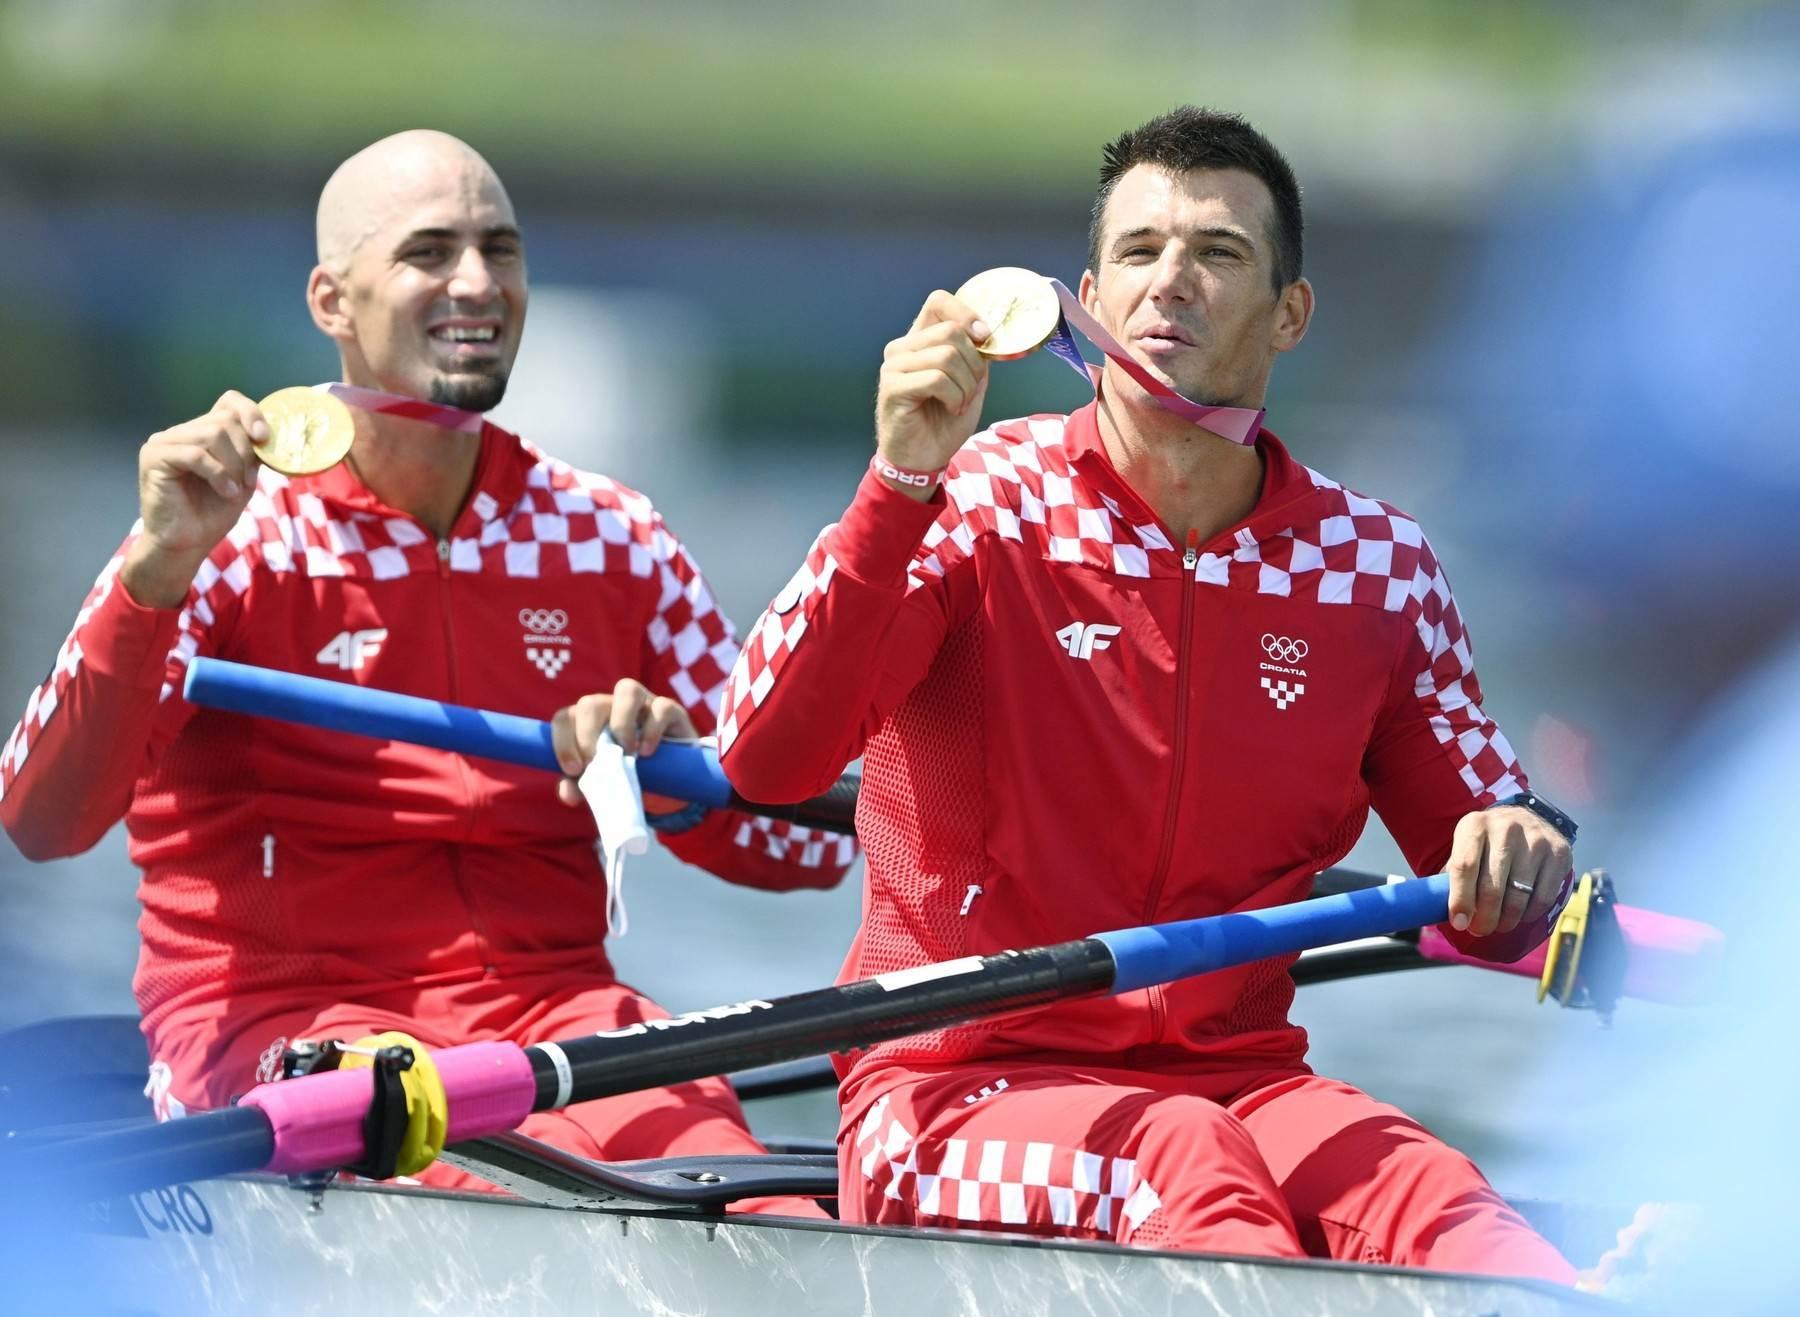 braca sinkovic osvojila zlato na olimpijskim igrama